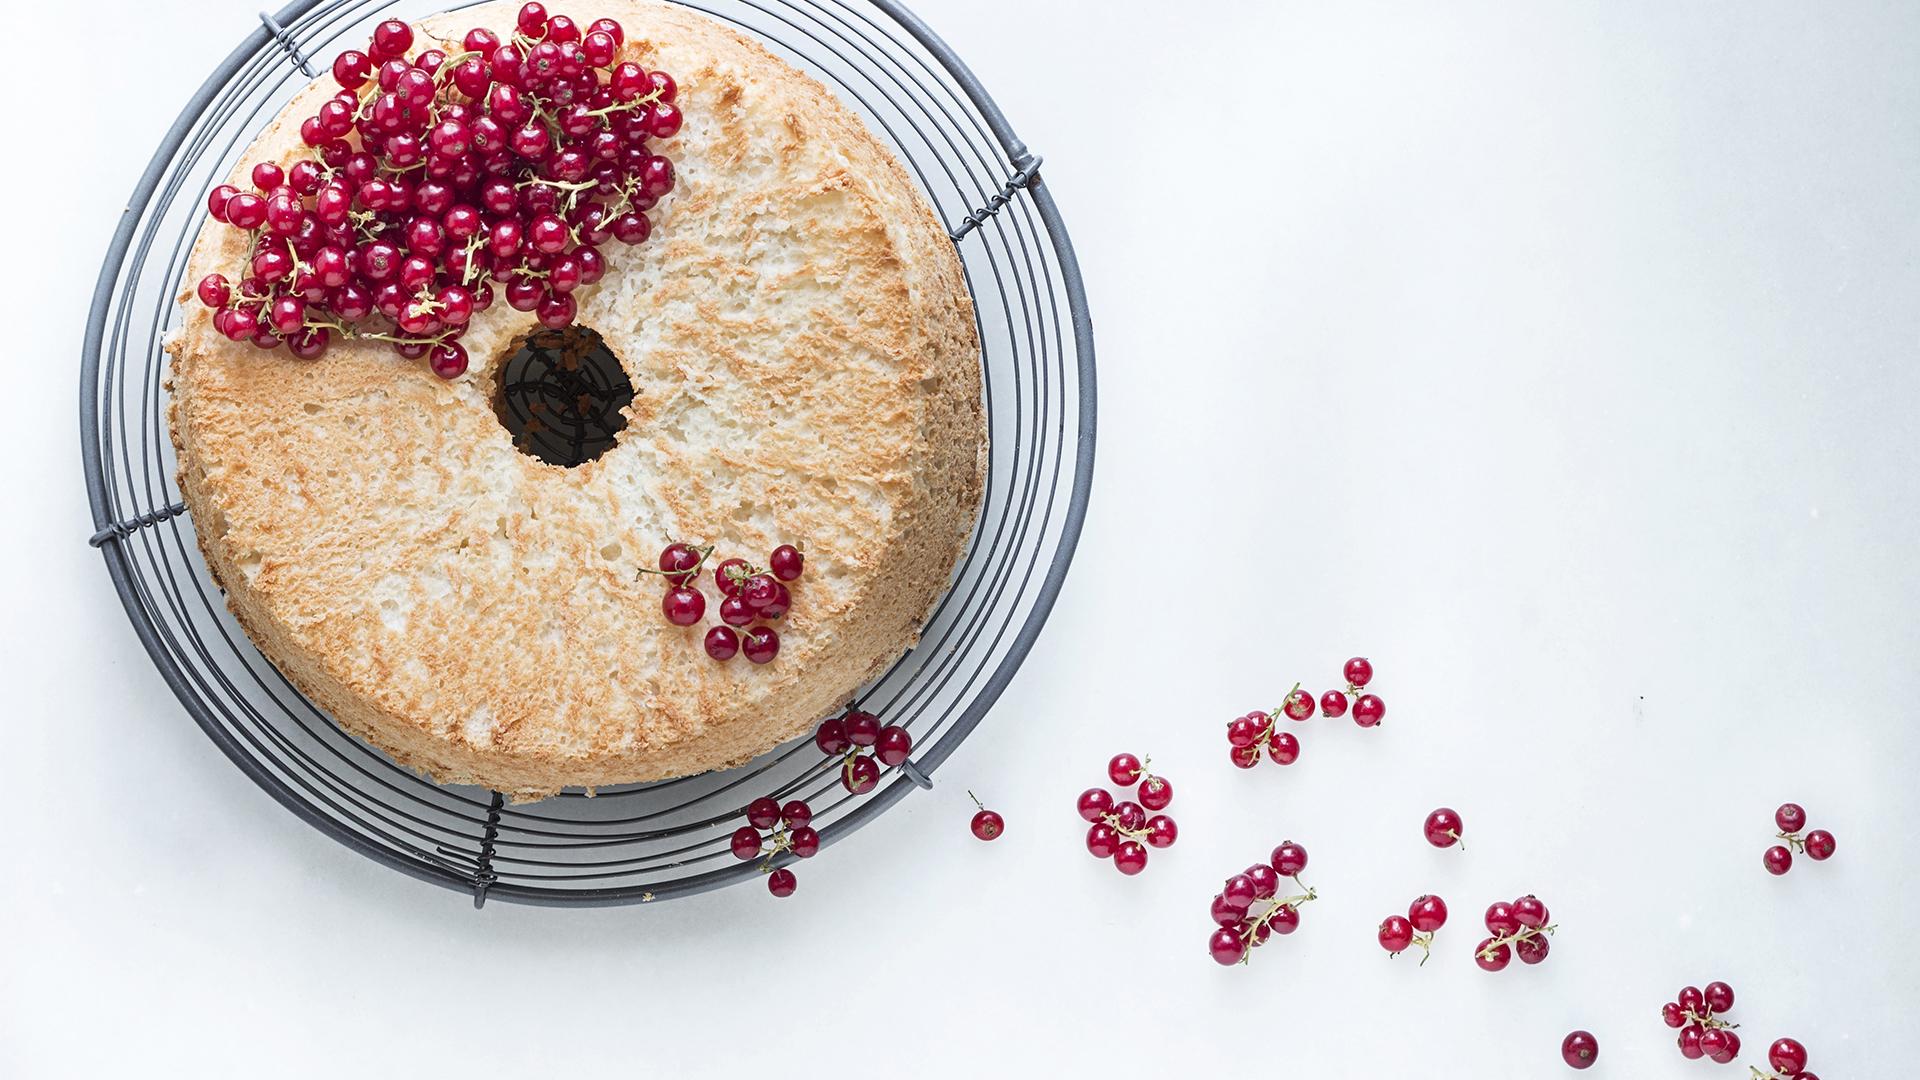 Image recetas-pastel-angel-food-cake-santos-02